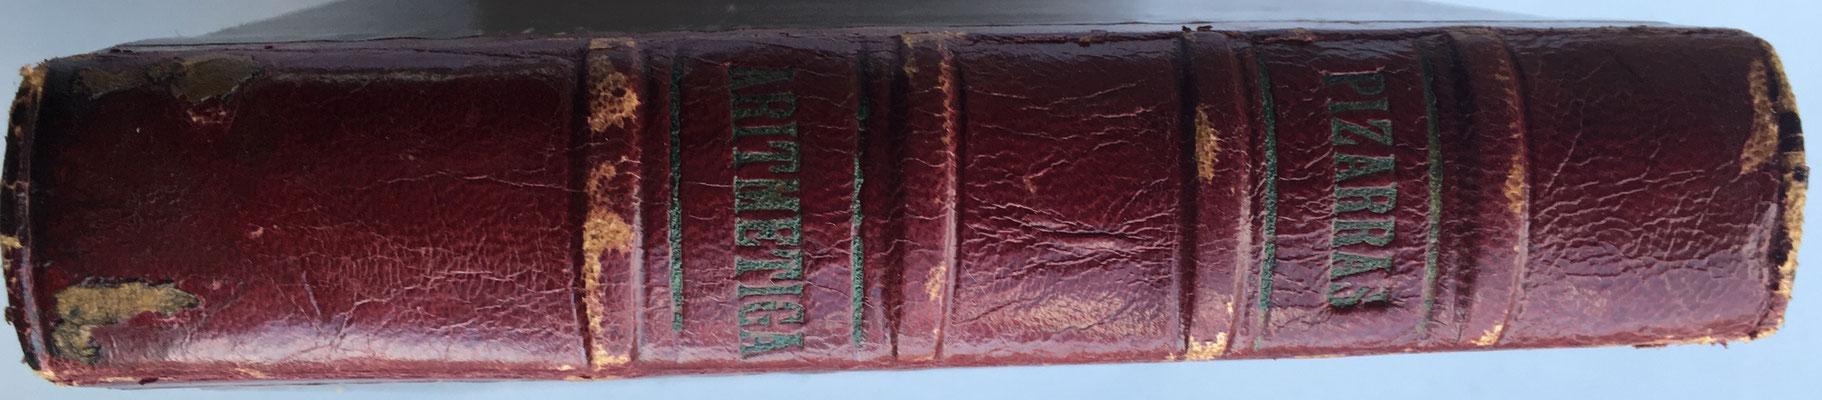 El libro se titula PIZARRAS y contiene dos tomos diferentes: uno de 1914 y otro de 1918